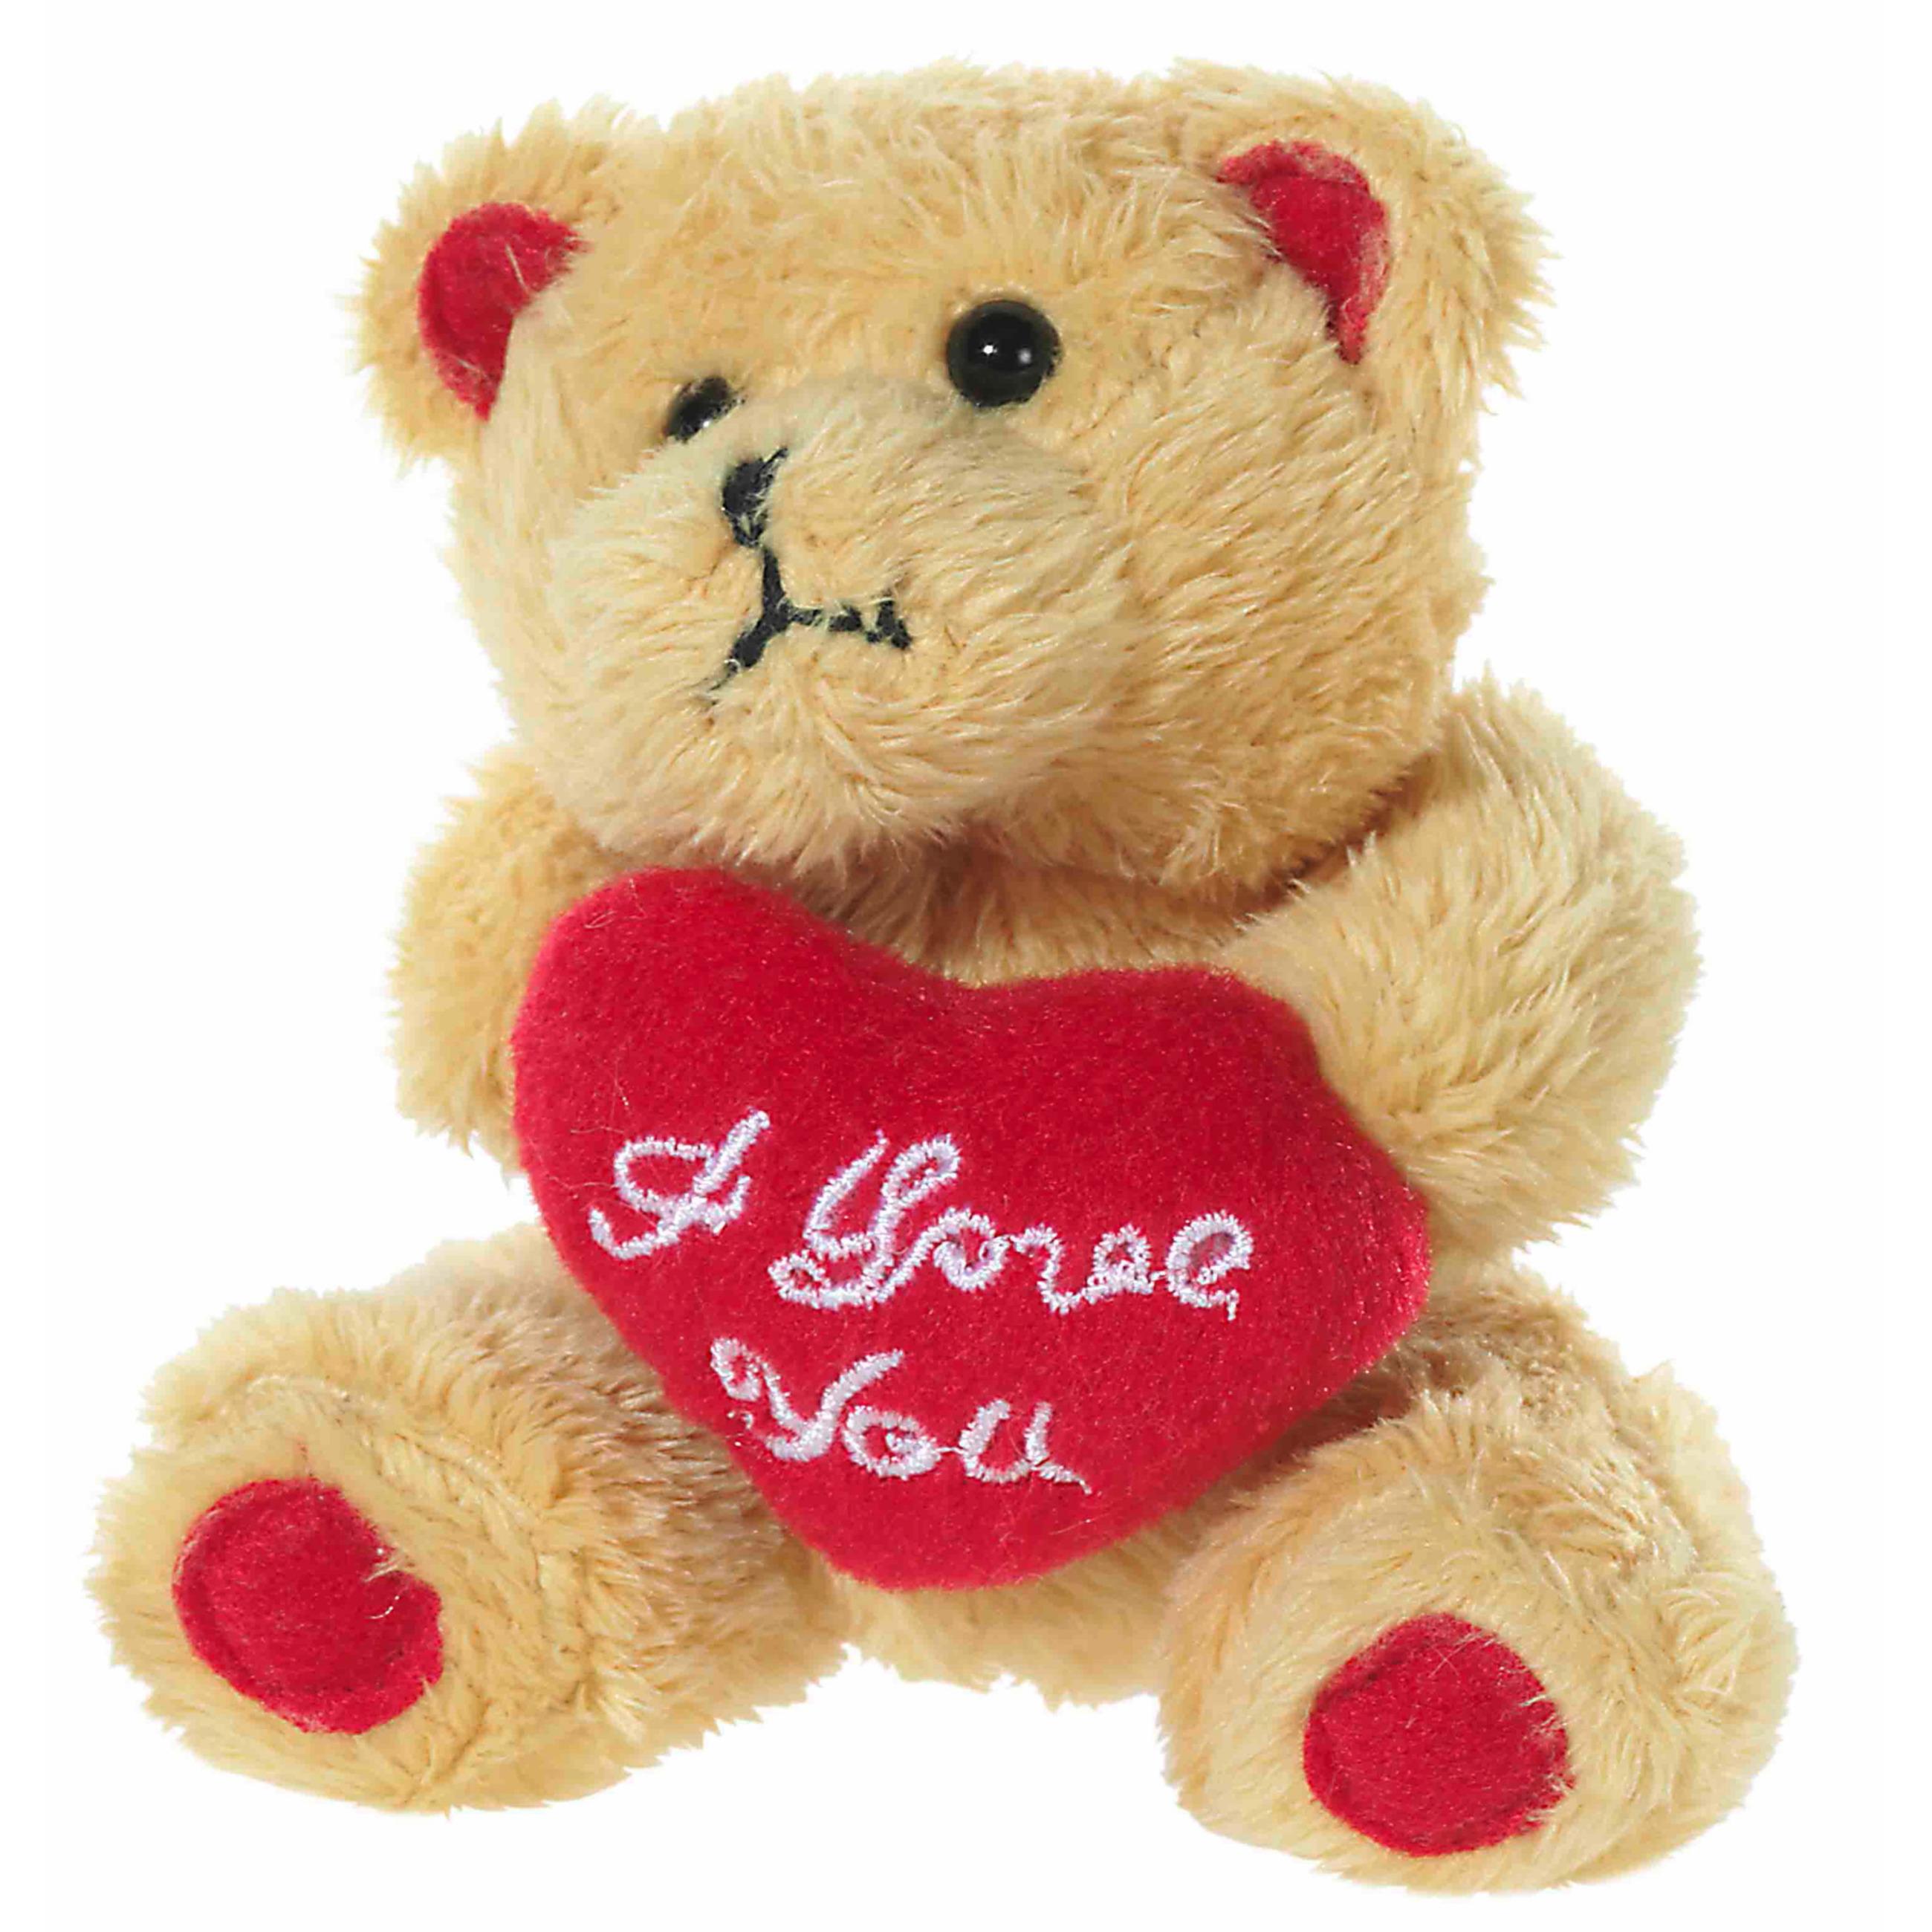 Pluche beertjes knuffel bruin van 10 cm met een I LOVE YOU hartje